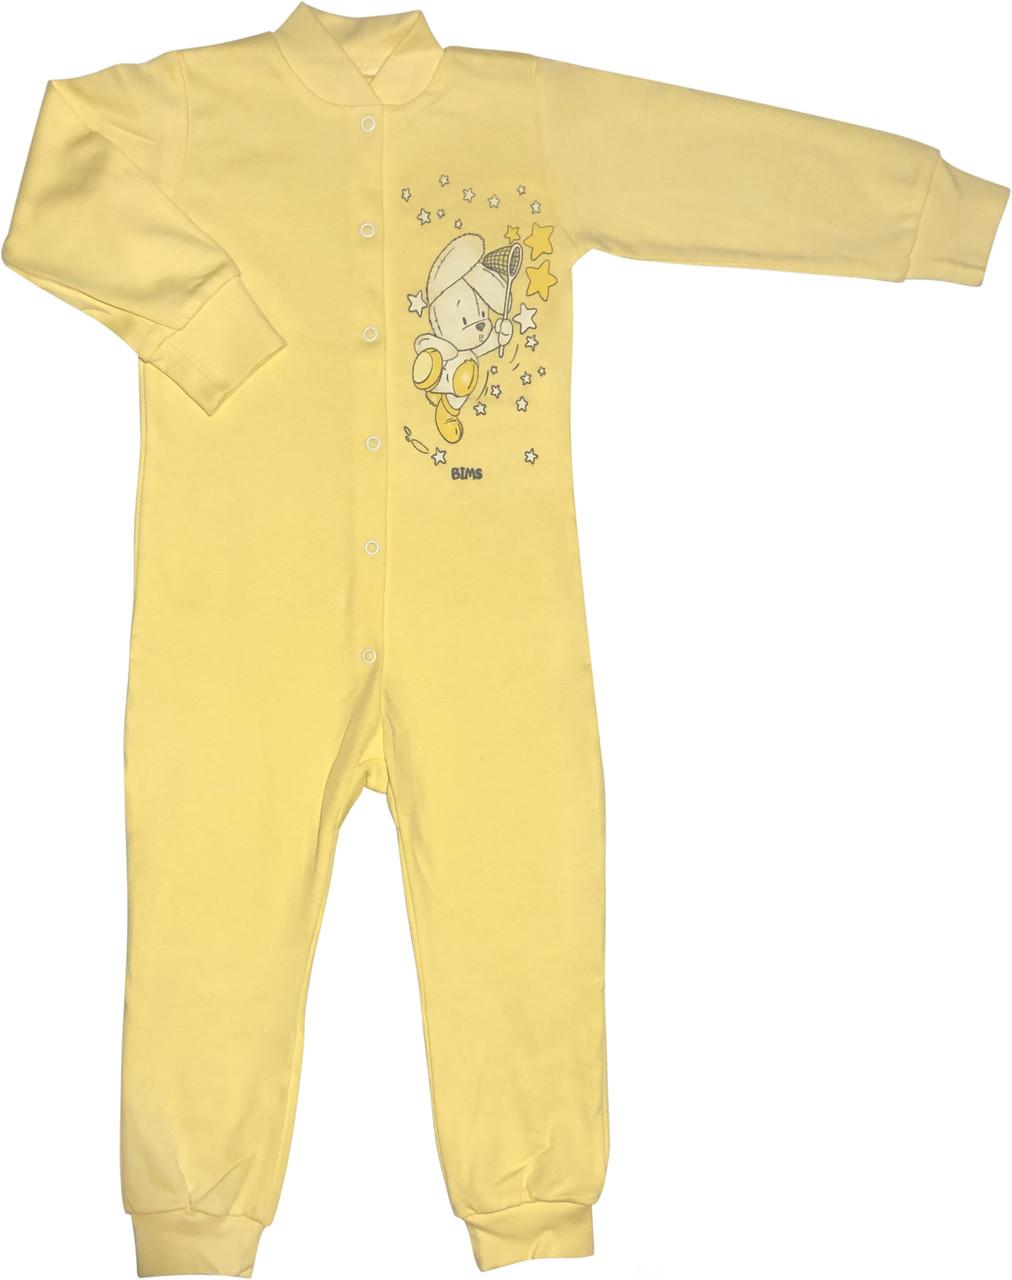 Чоловічок для малюків зростання 98 2-3 роки на хлопчика дівчинку сліп з відритими ніжками трикотажний жовтий